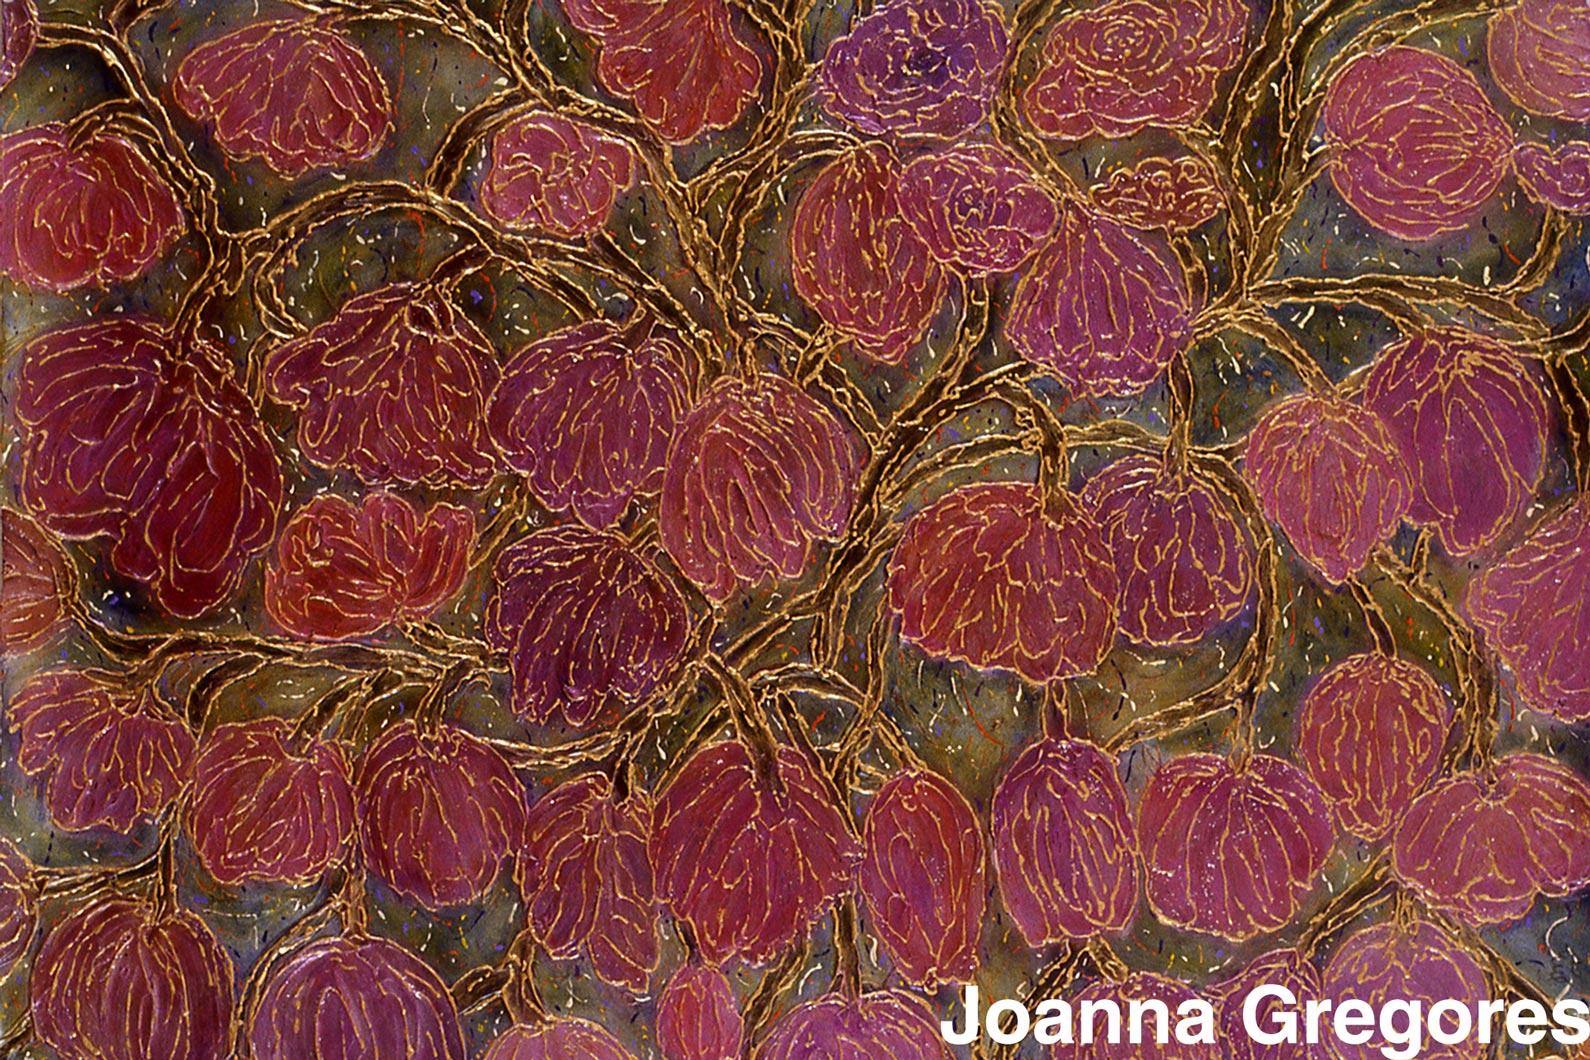 joanna gregores winter garden acrylic polymer and mica